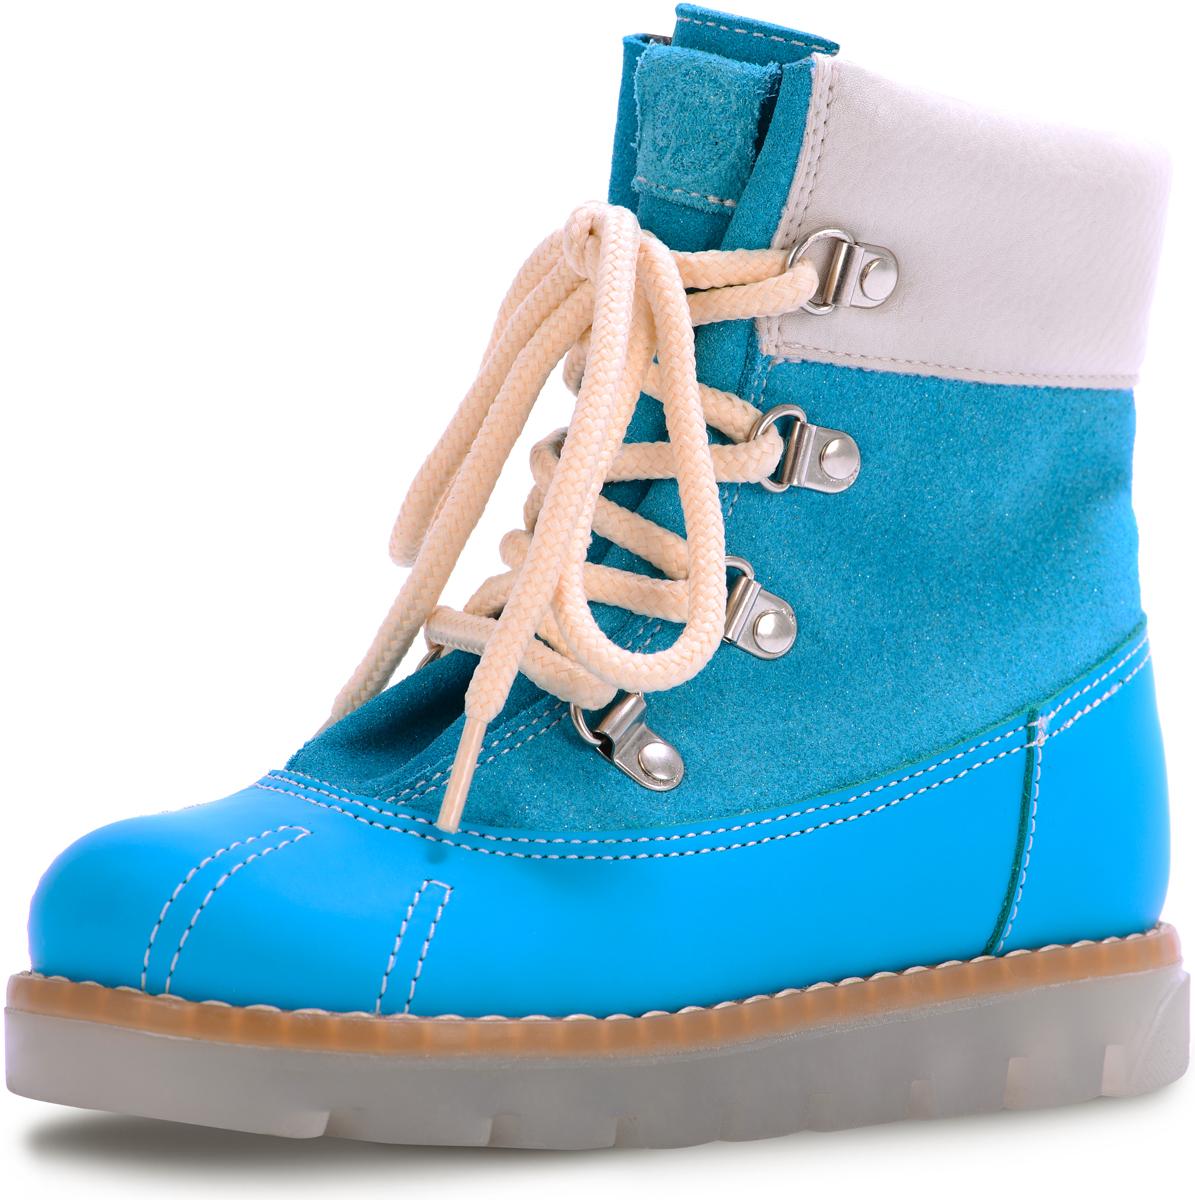 Ботинки для девочек TapiBoo Сидней, цвет: бирюзовый. 23007. Размер 3223007Ботинки утепленные от TapiBoo. Подкладка из шерстяной байки LANATEX поддерживает комфортную температуру внутри обуви при погодных условиях от +5 до -5 градусов. Многослойная, анатомическая стелька гарантирует правильное формирование стопы. Полнота ботинок регулируется при помощи шнурков. Толстая подошва и специальная гидрофобная кожа нижней части ботинок, защищает ножки ребенка от влаги.